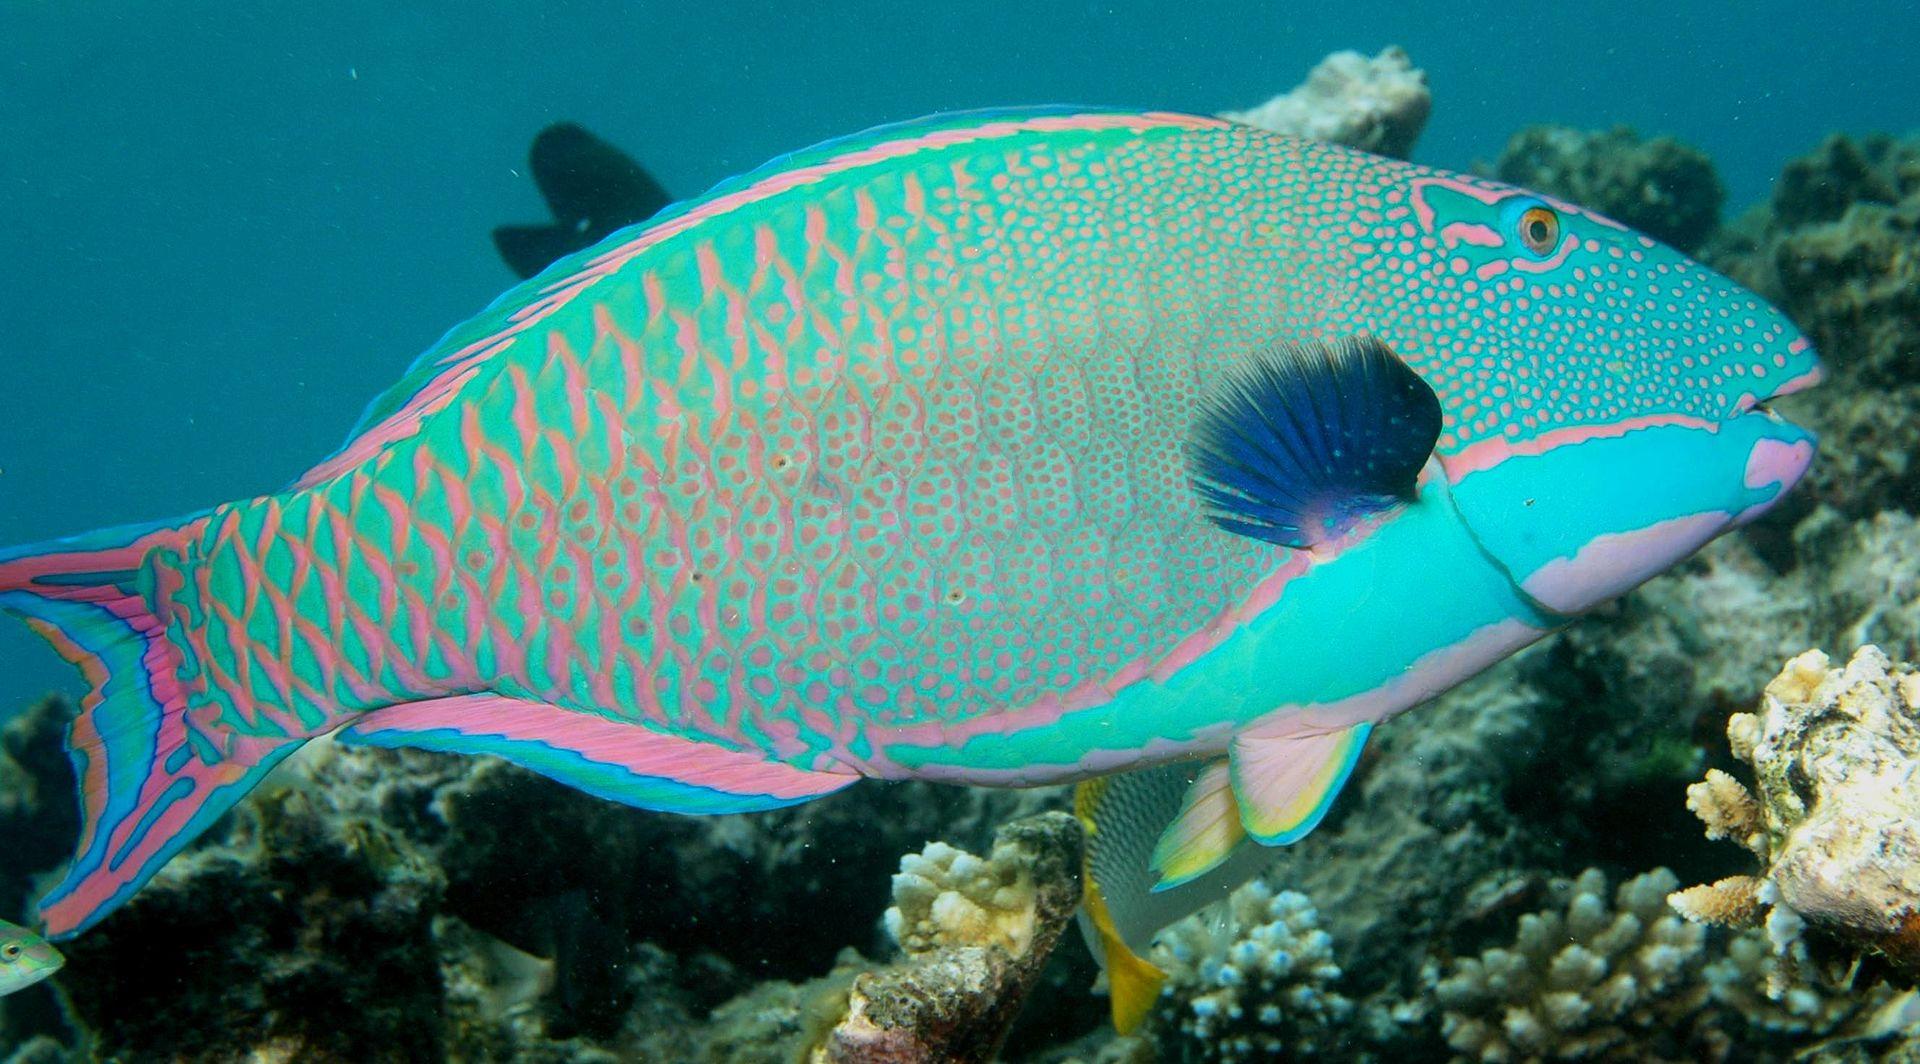 壁纸 动物 海底 海底世界 海洋馆 水族馆 鱼 鱼类 1920_1064